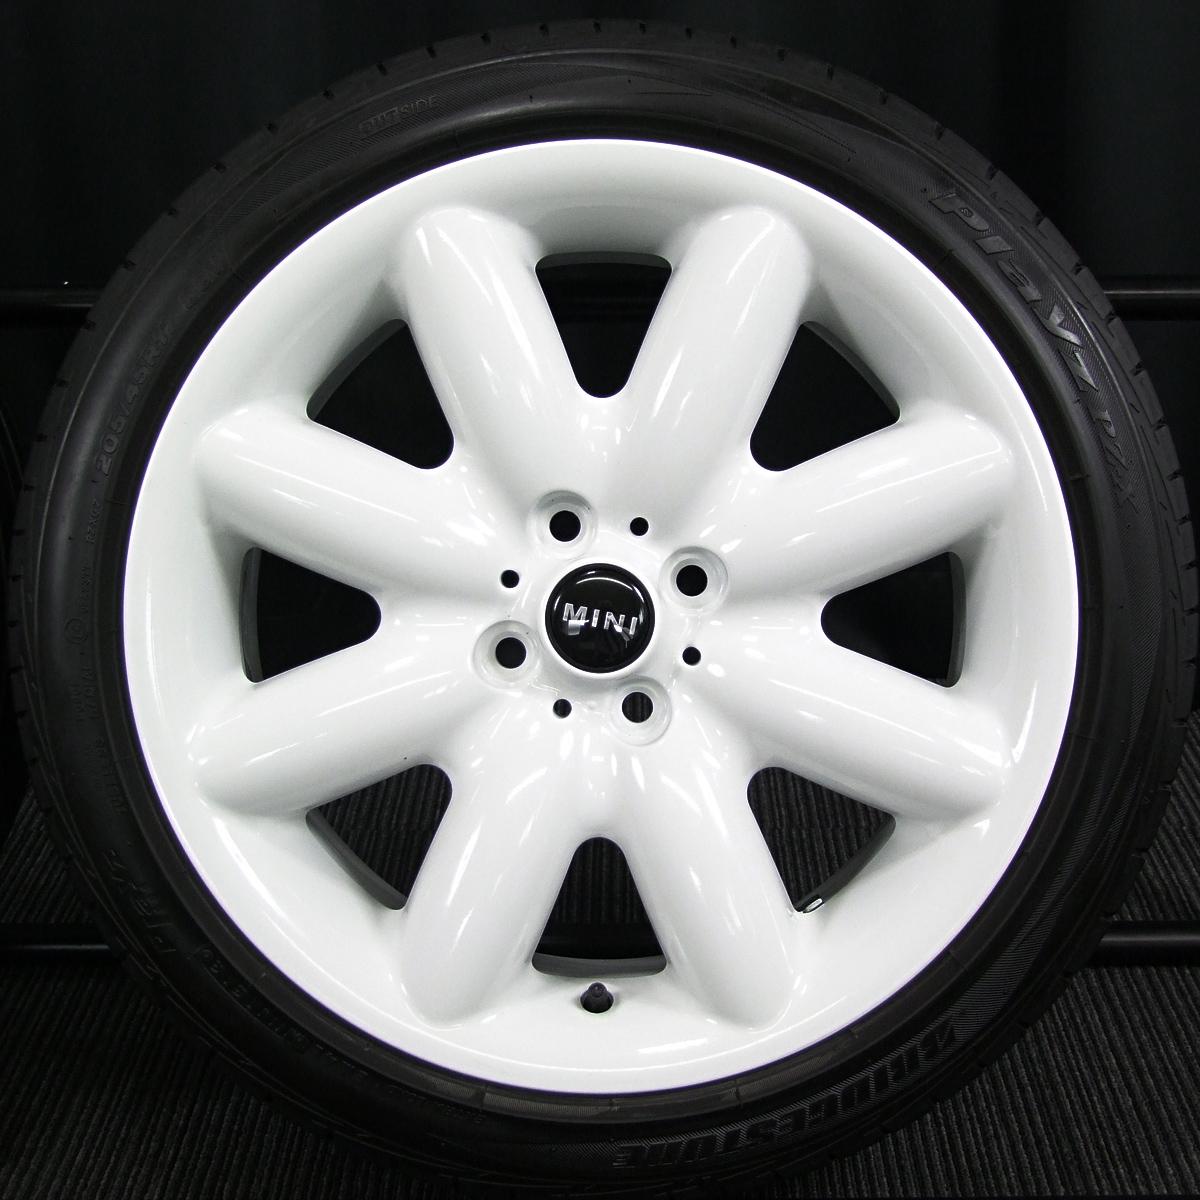 BMW MINI 純正 SスポークR85 ホワイト BRIDGESTONE Playz PZ-X 205/45R17 4本SET